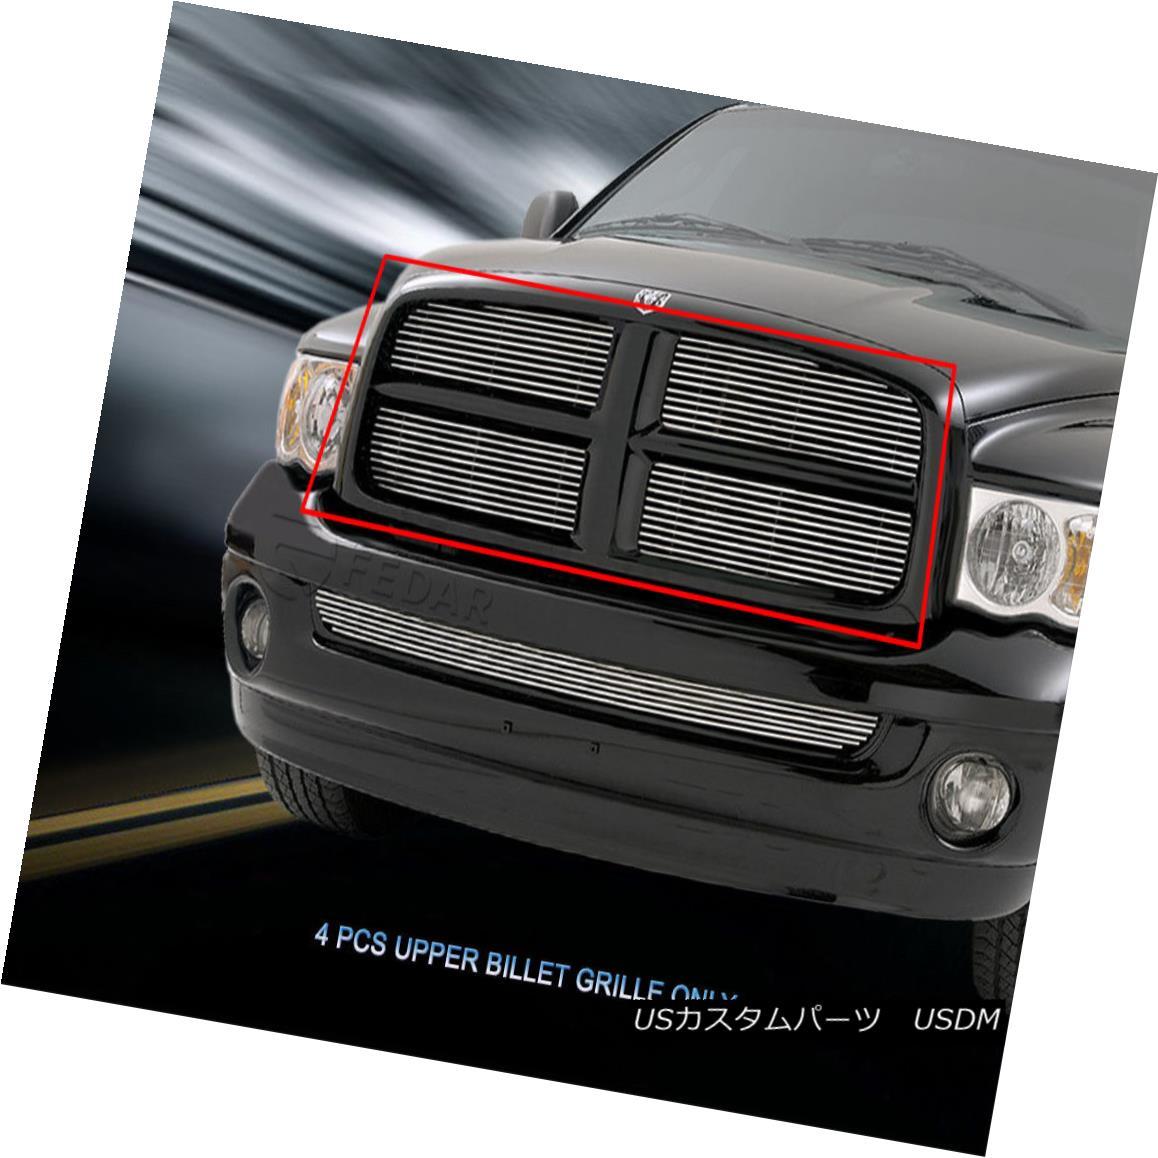 グリル 02-05 Dodge Ram 1500 2500 3500 Billet Grille Grill Insert Fedar 02-05ダッジラム1500 2500 3500ビレットグリルグリルインサートフェルダー